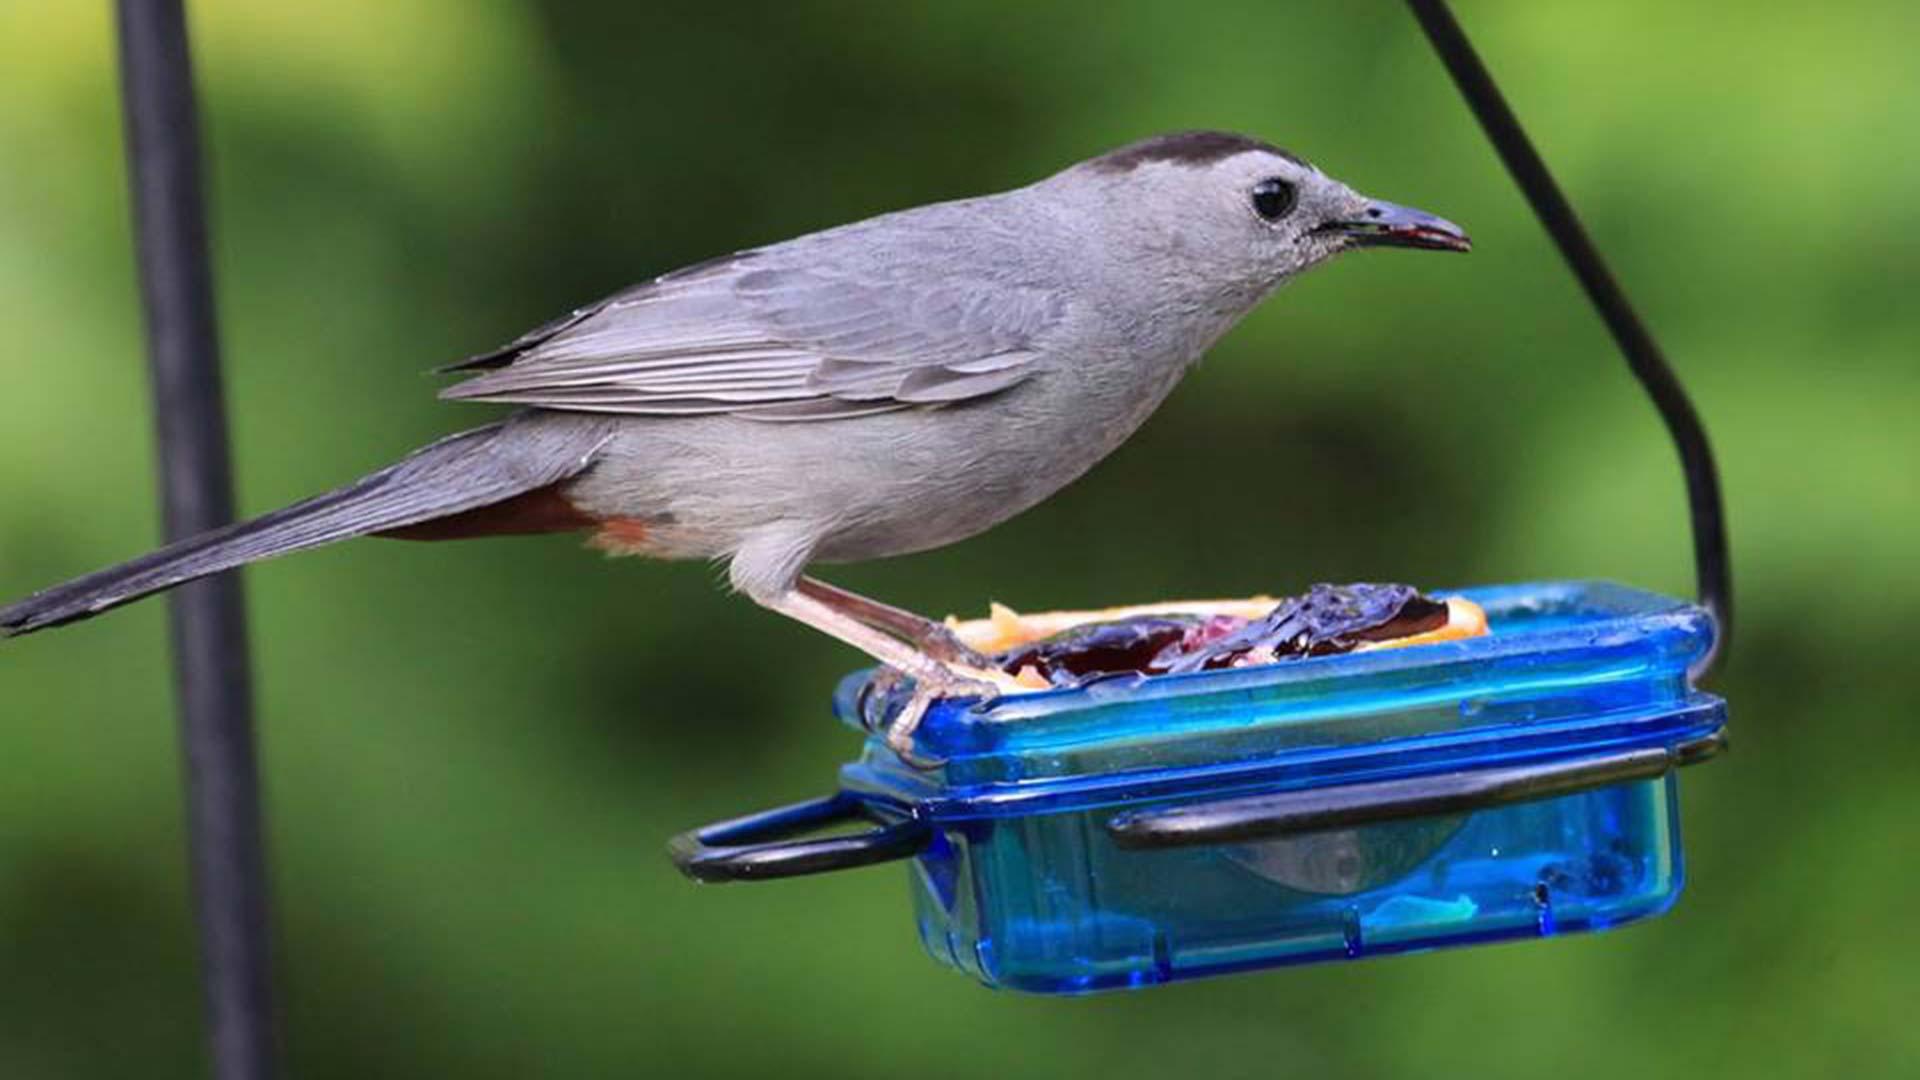 Catbird on fruit feeder